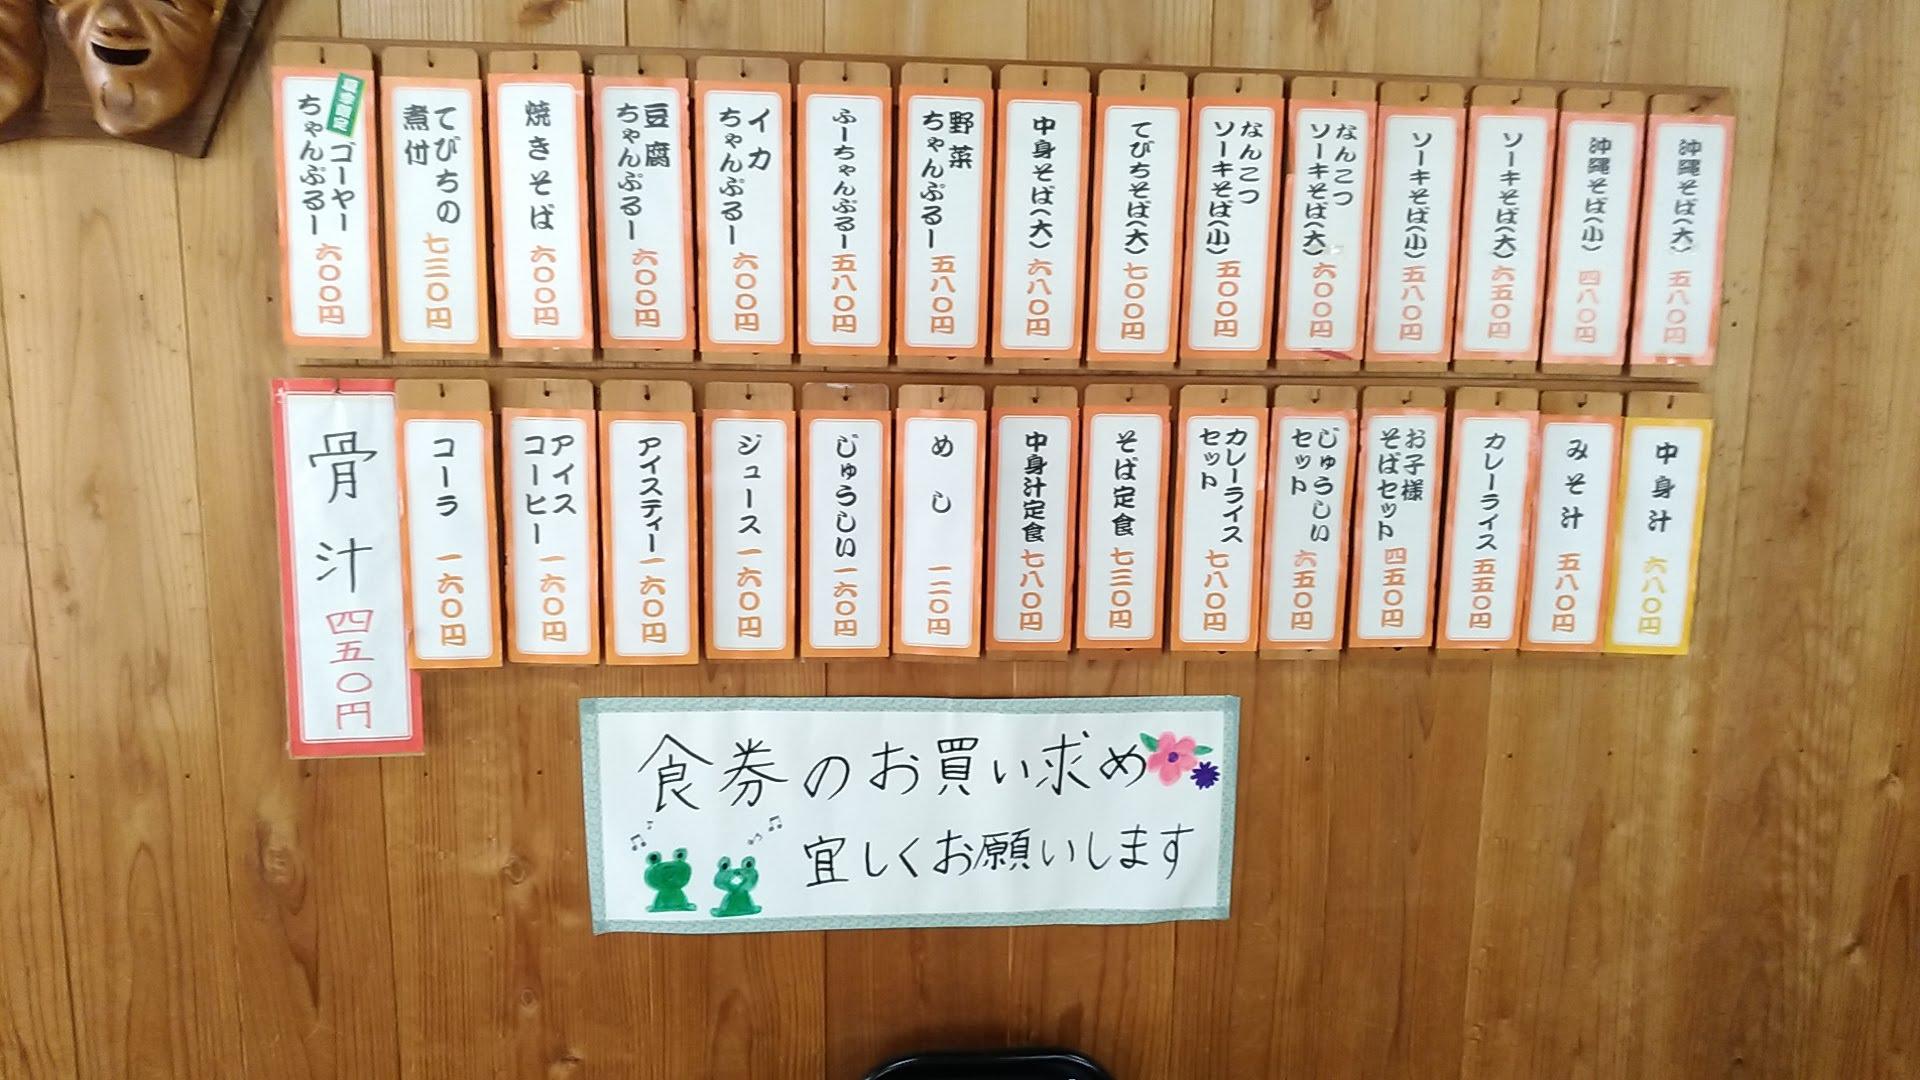 the menu of the Iibaruya